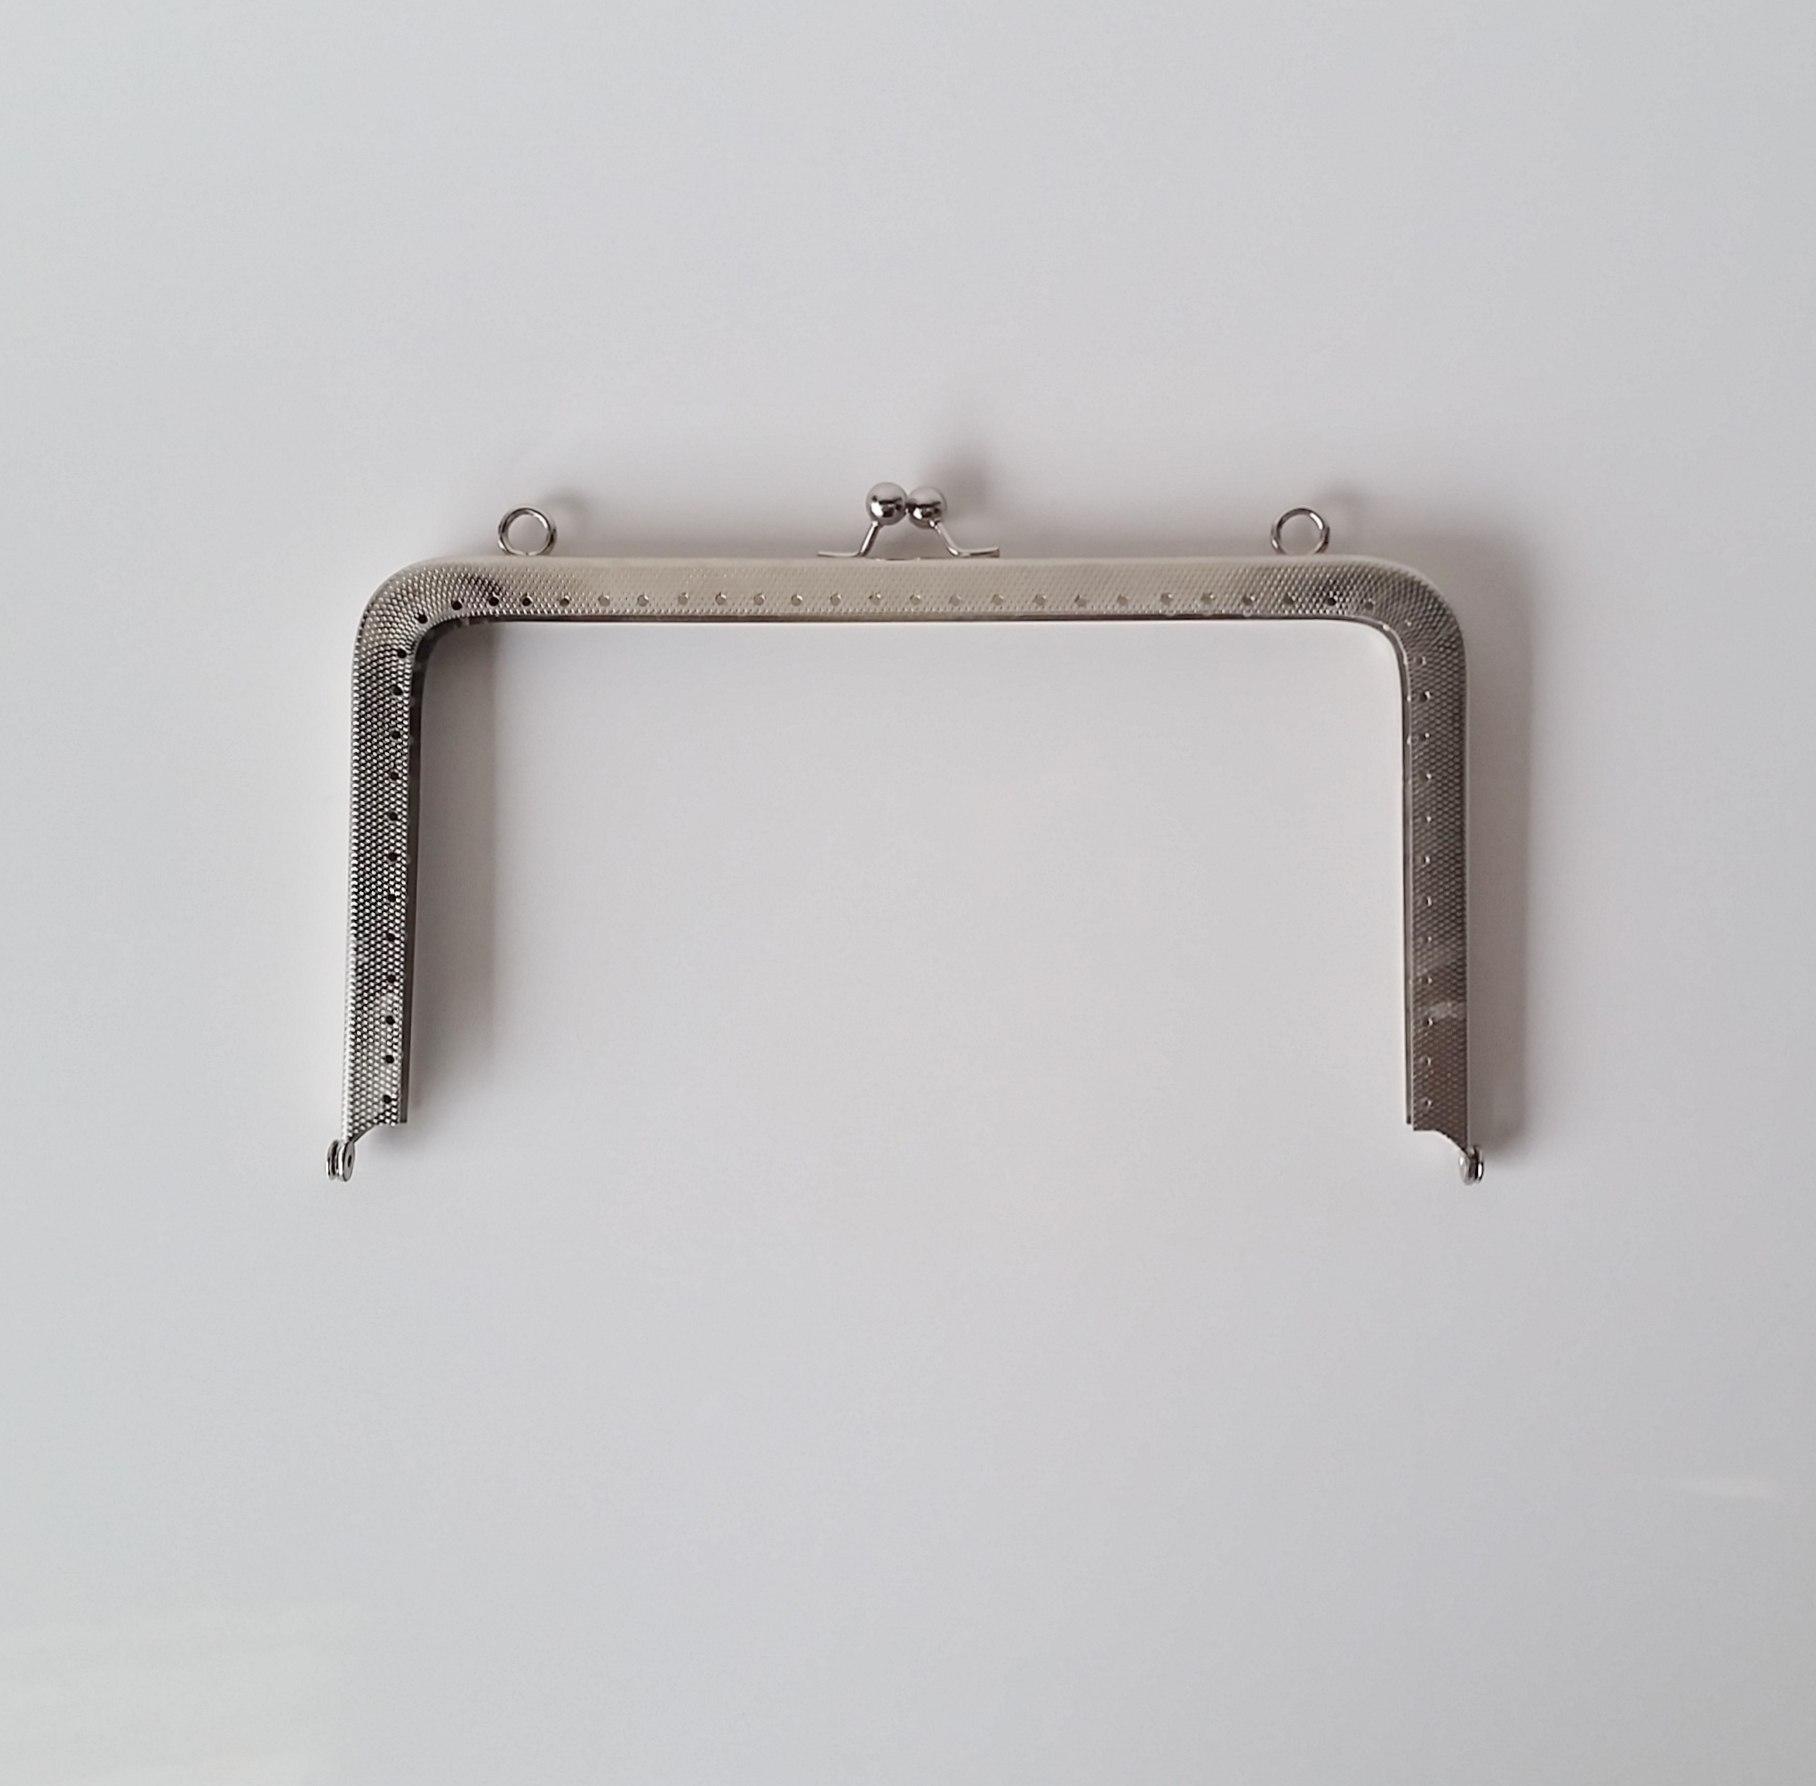 Armação 20cm x 11cm Gravada c/ furos e argolas Niquelada